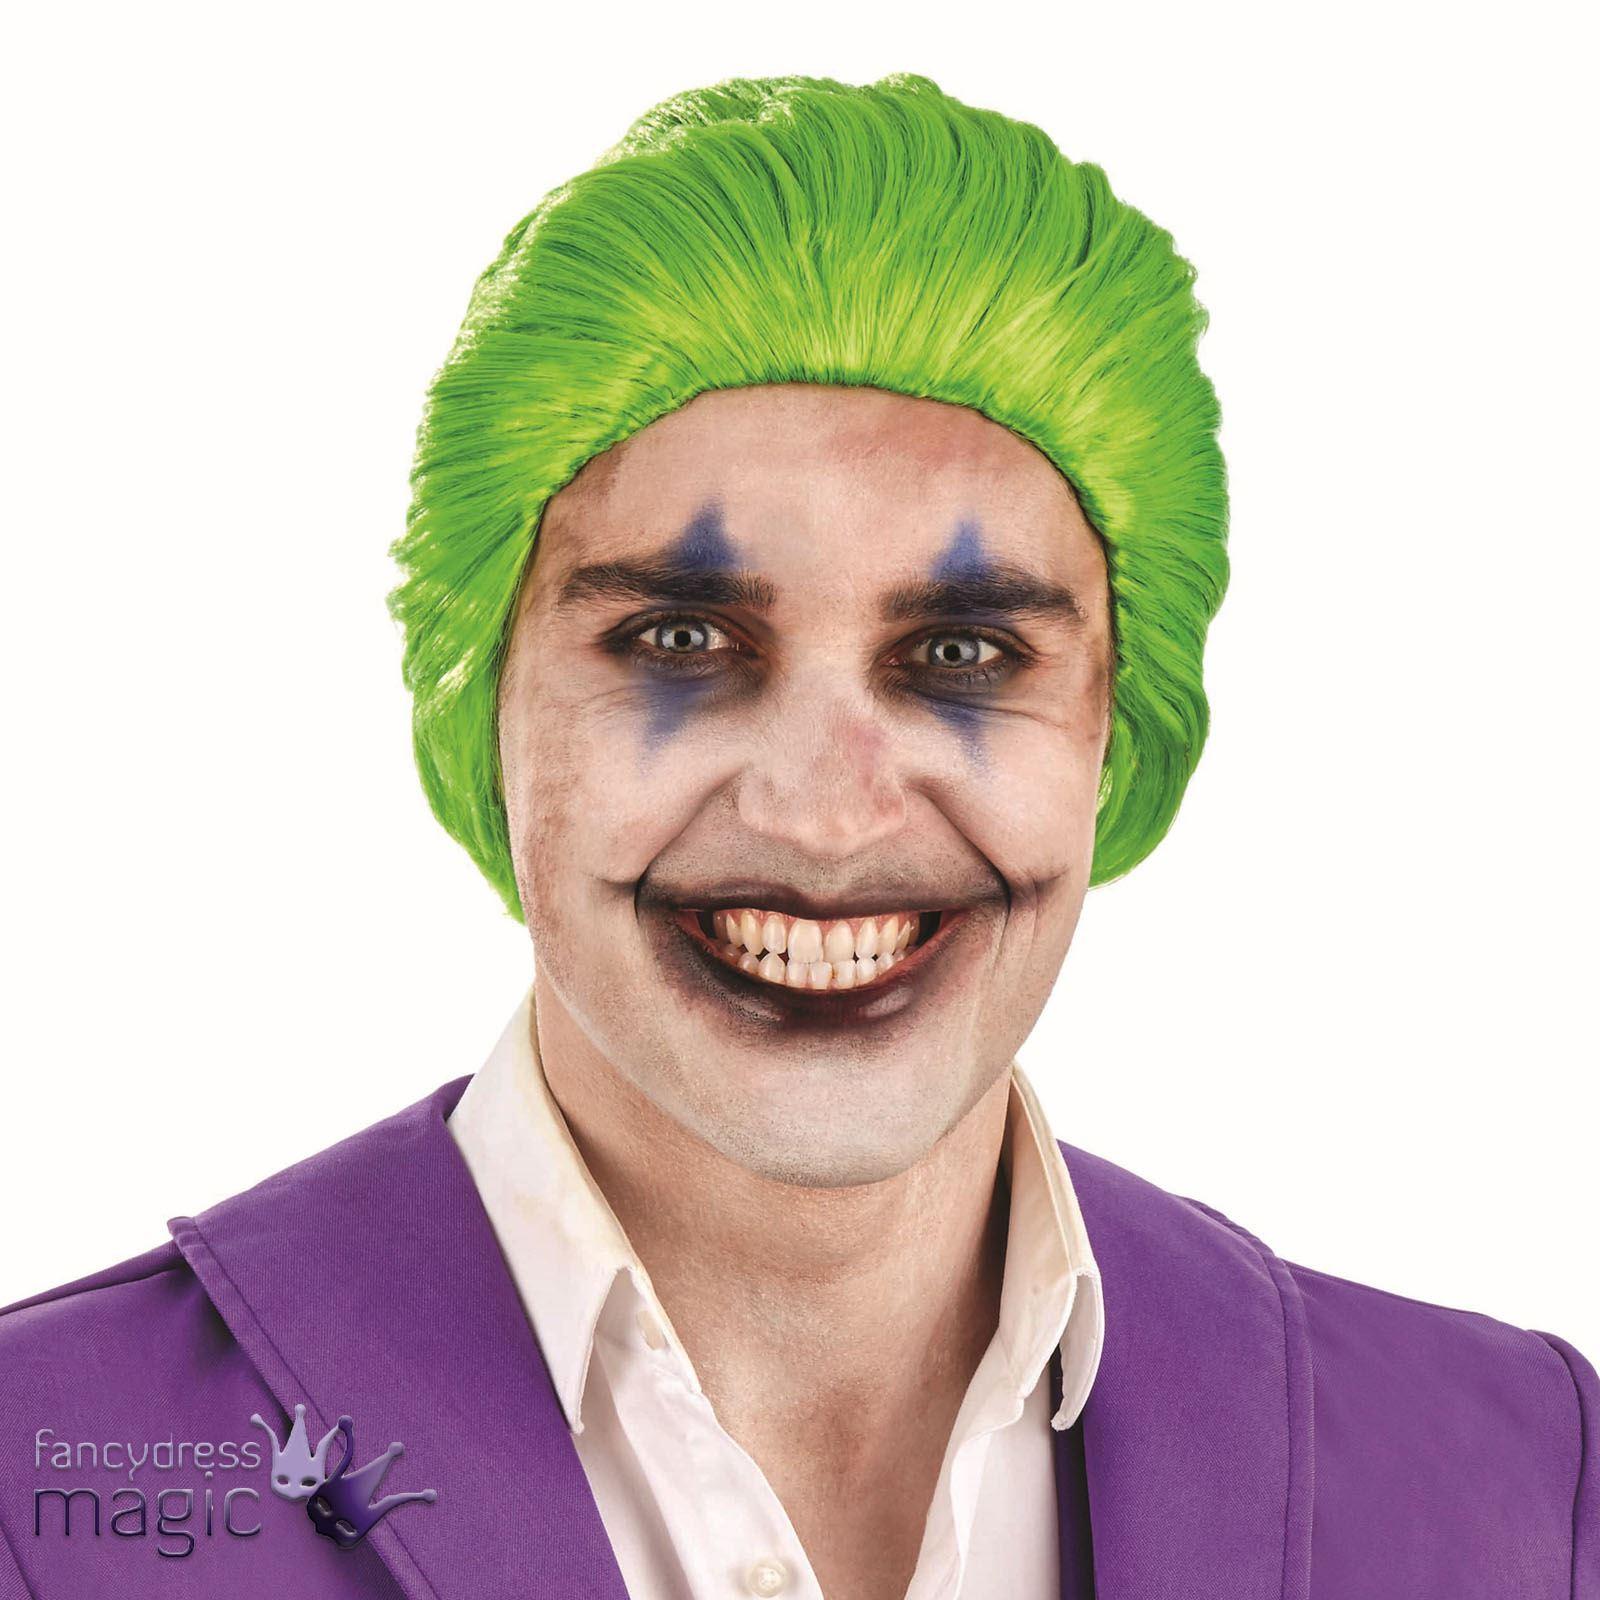 Joker Fancy Dress Wig 107